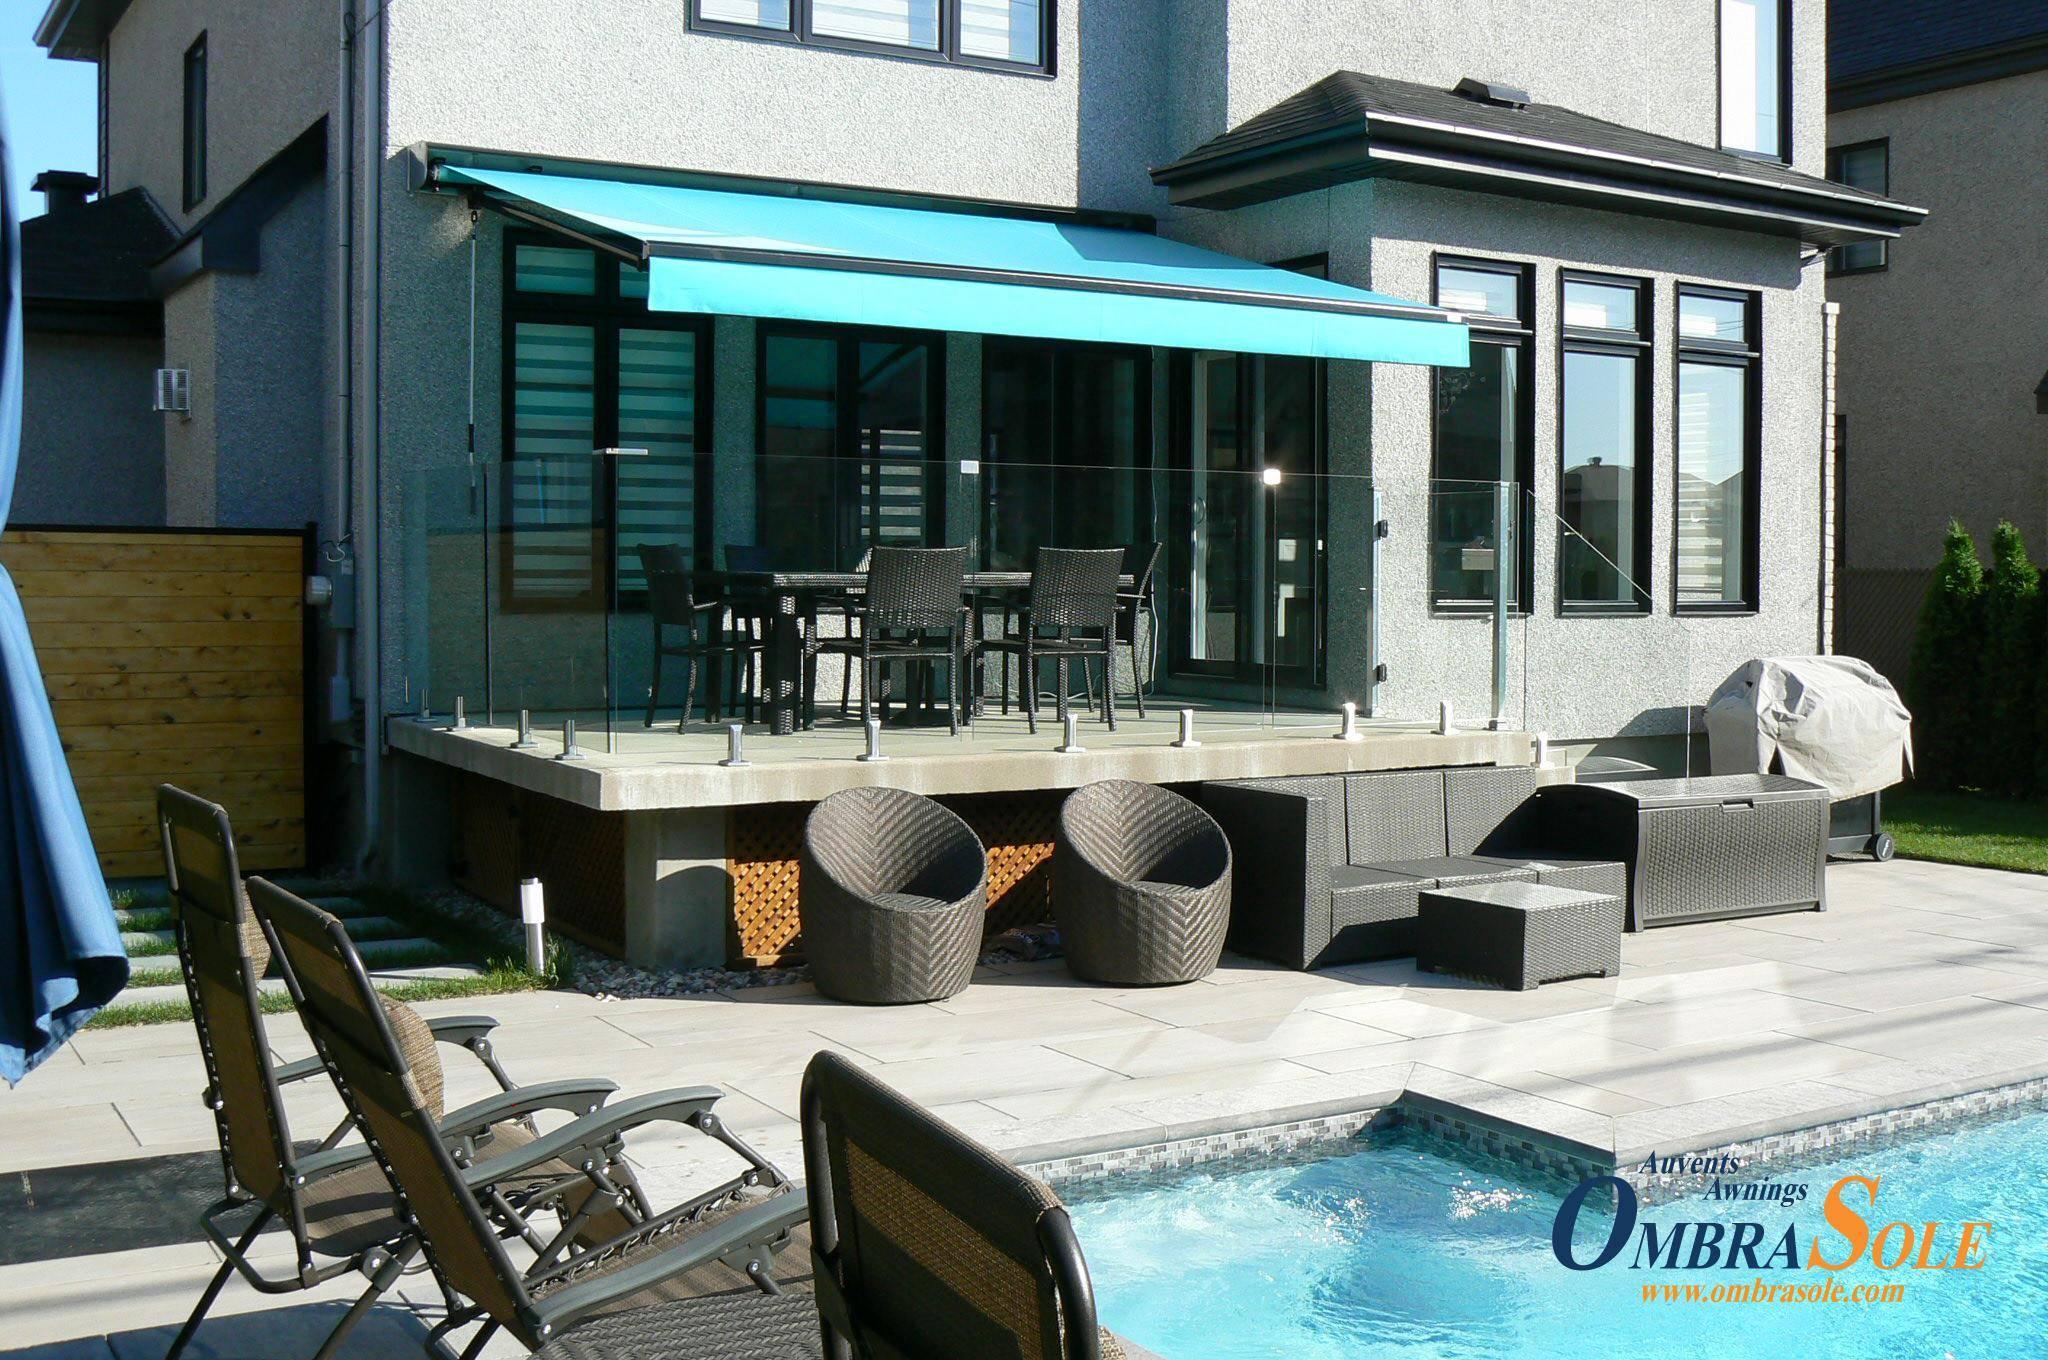 Couvrir Une Cour Intérieure 4 choix d'auvents rétractables pour couvrir votre terrasse